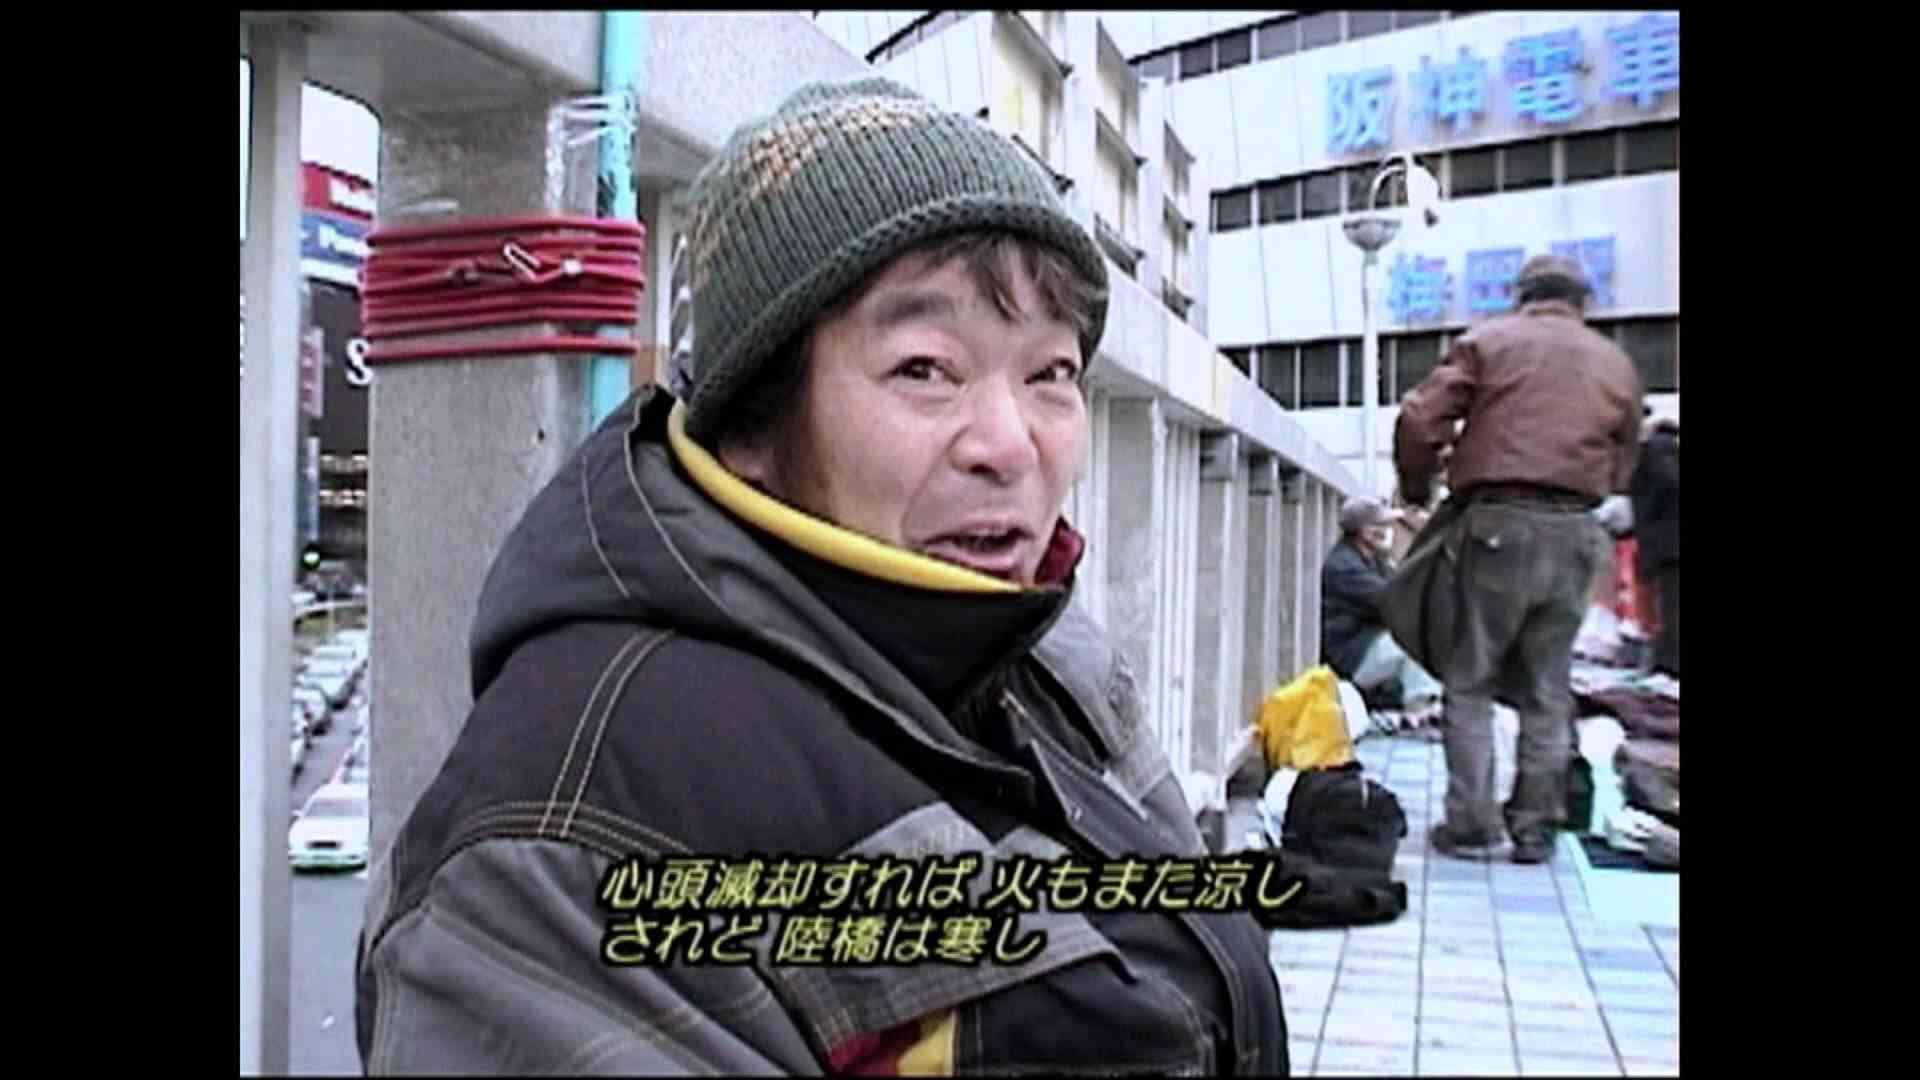 映画『ハダカの城 ~西宮冷蔵・水谷洋一~』予告編(150秒) - YouTube